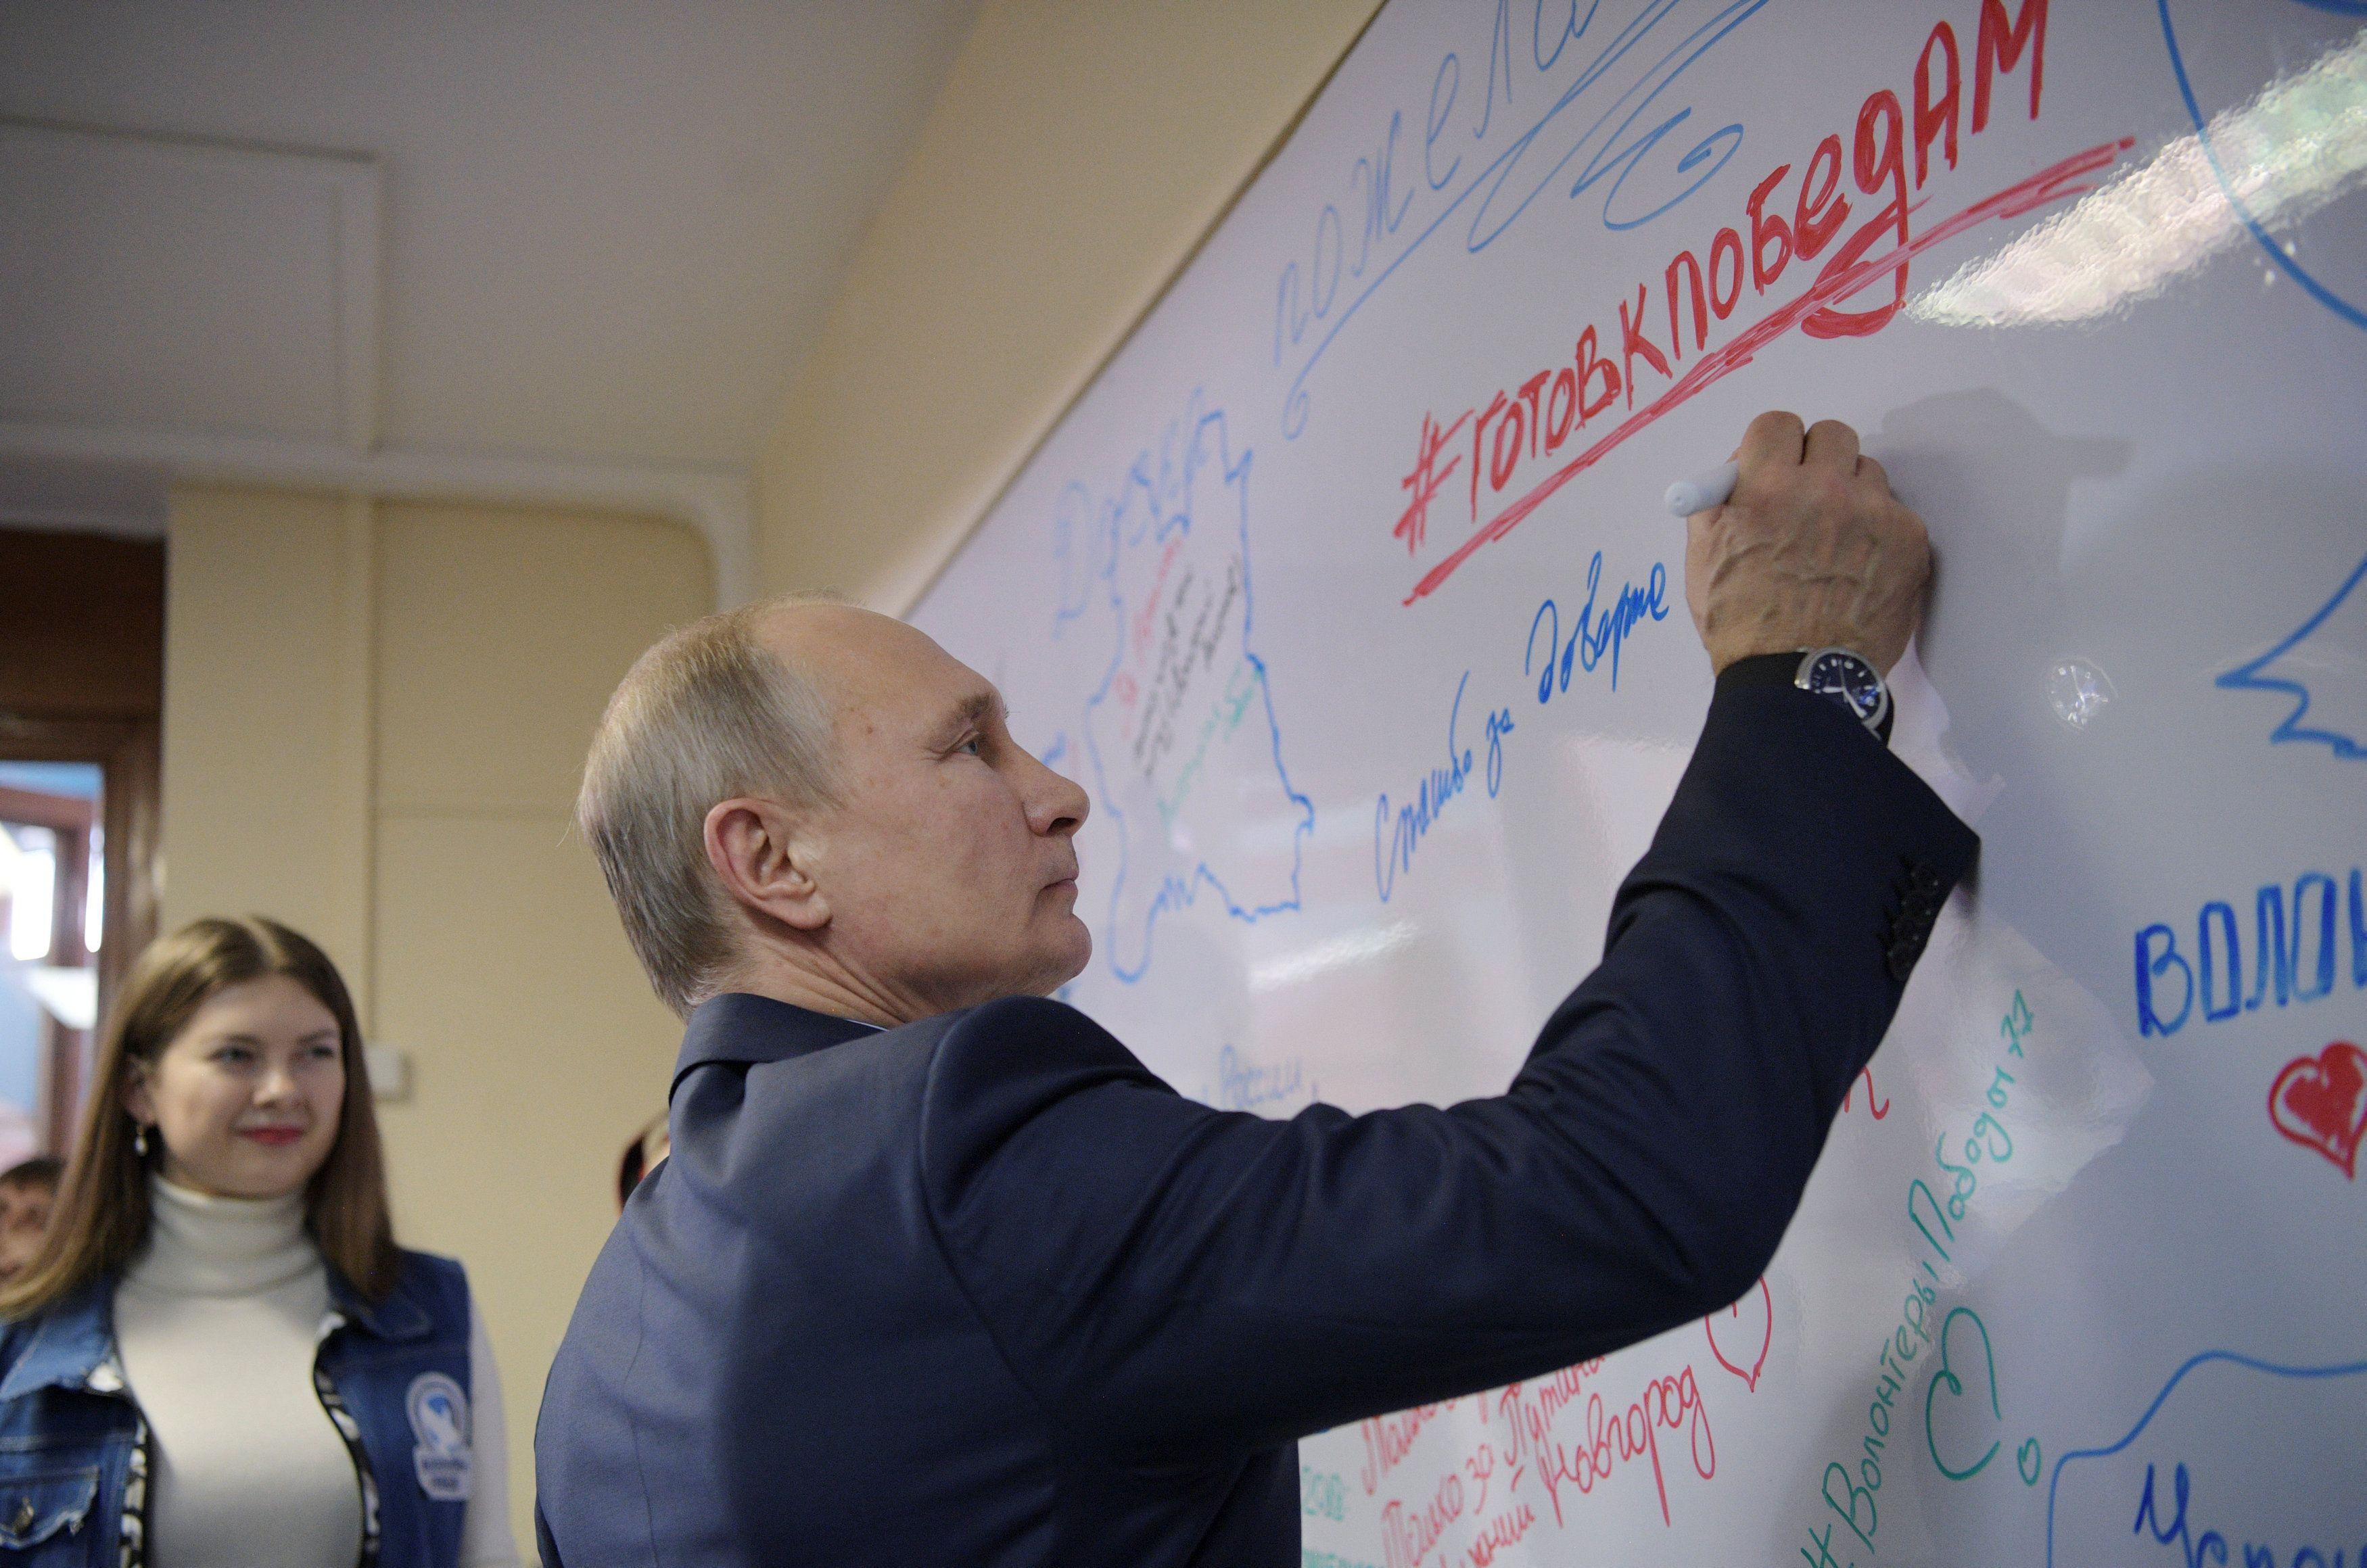 В России Владимир Путин пытается как-то сдерживать военных стратегов, утверждает эксперт